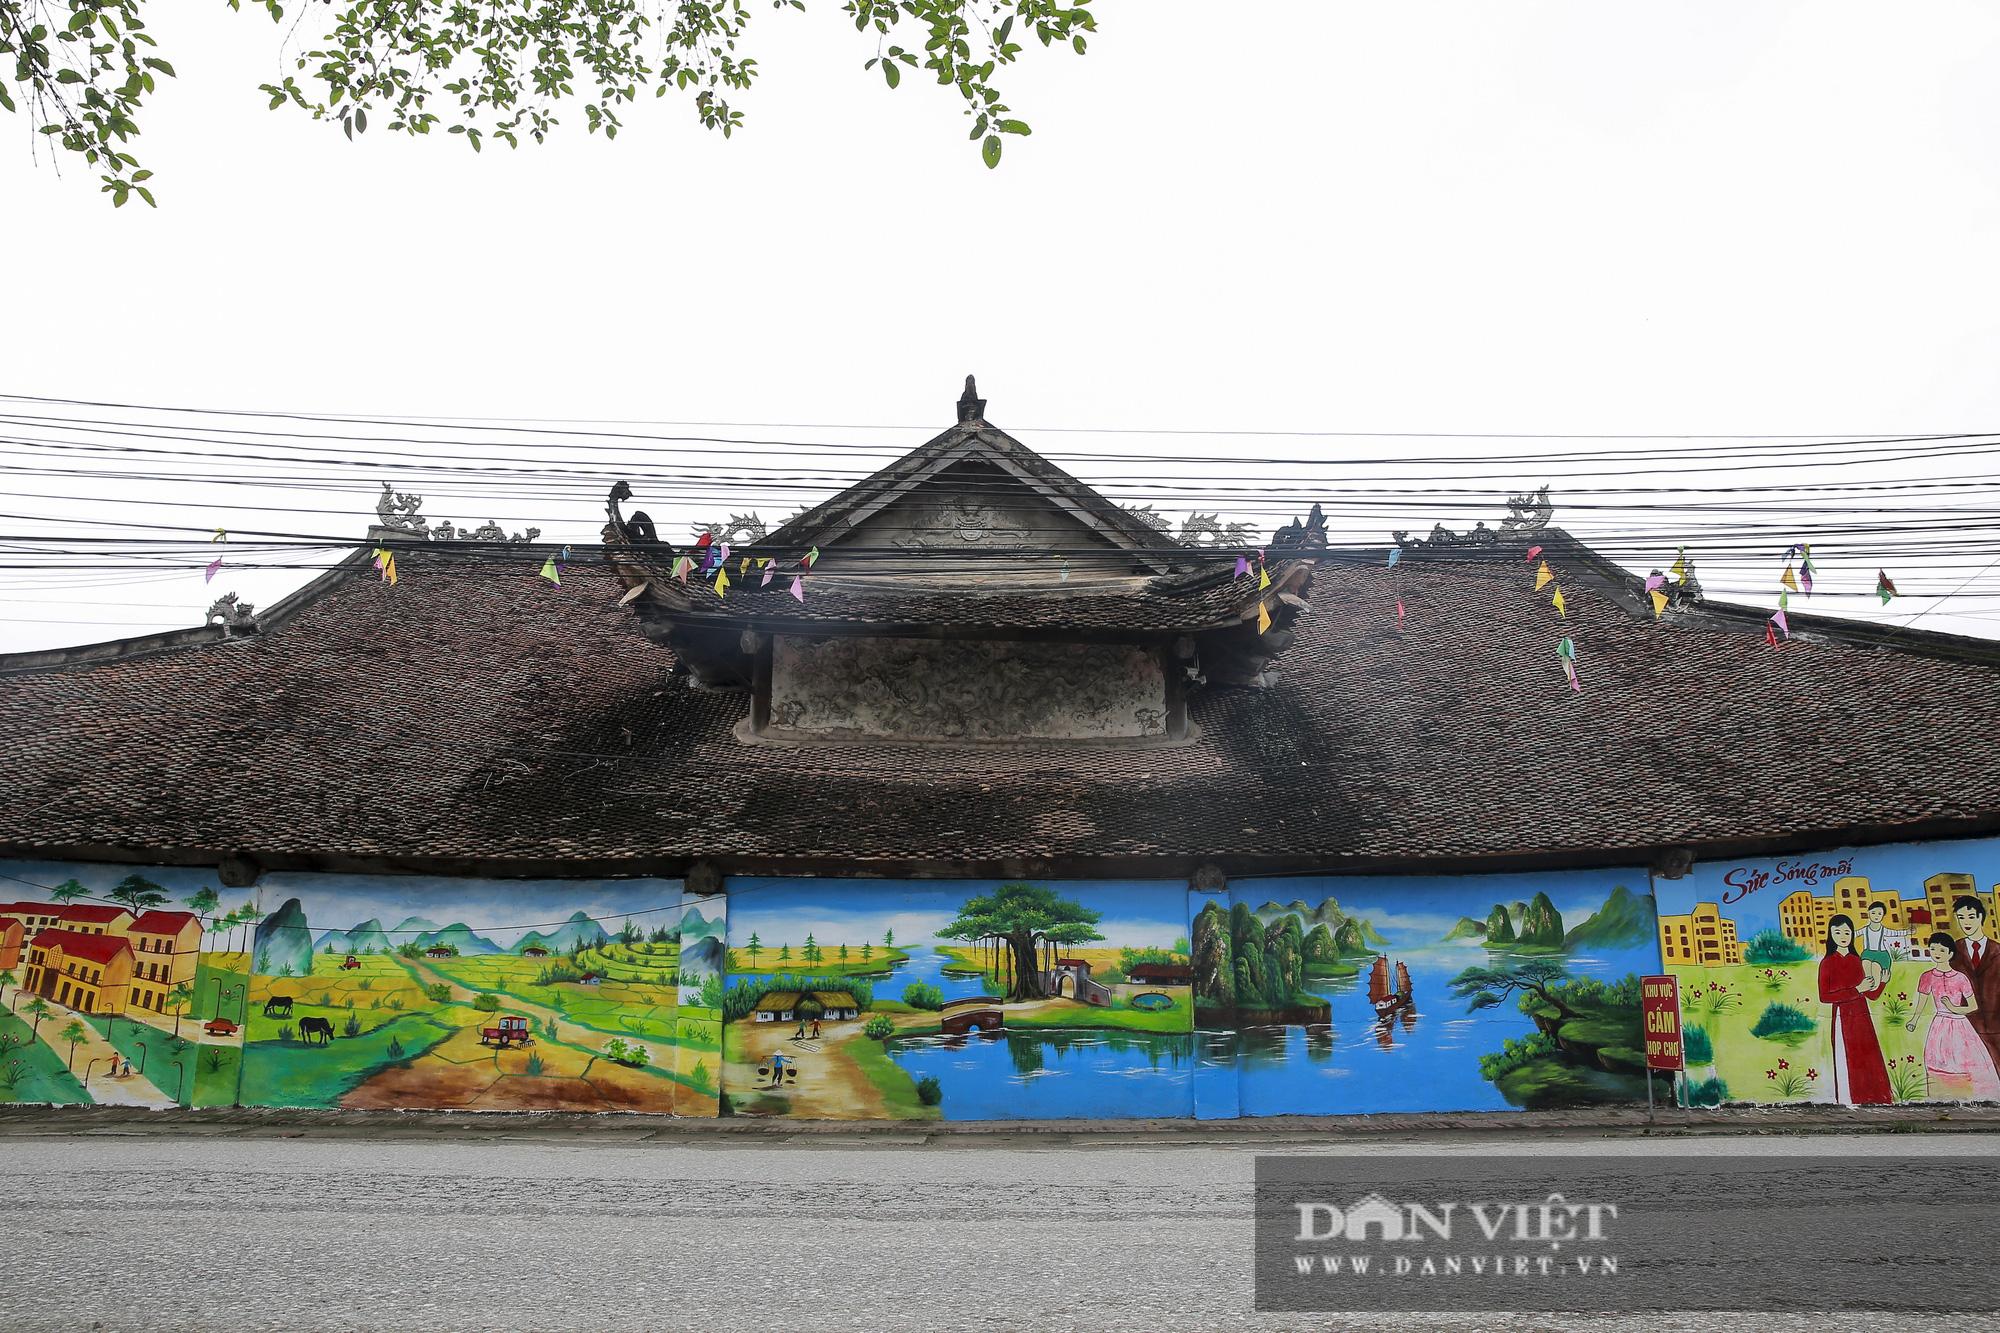 Bí thư đảng ủy xã Tiên Lữ nói gì về việc sơn tranh vẽ lên bức tường tại đình làng cổ gần 200 năm? - Ảnh 2.